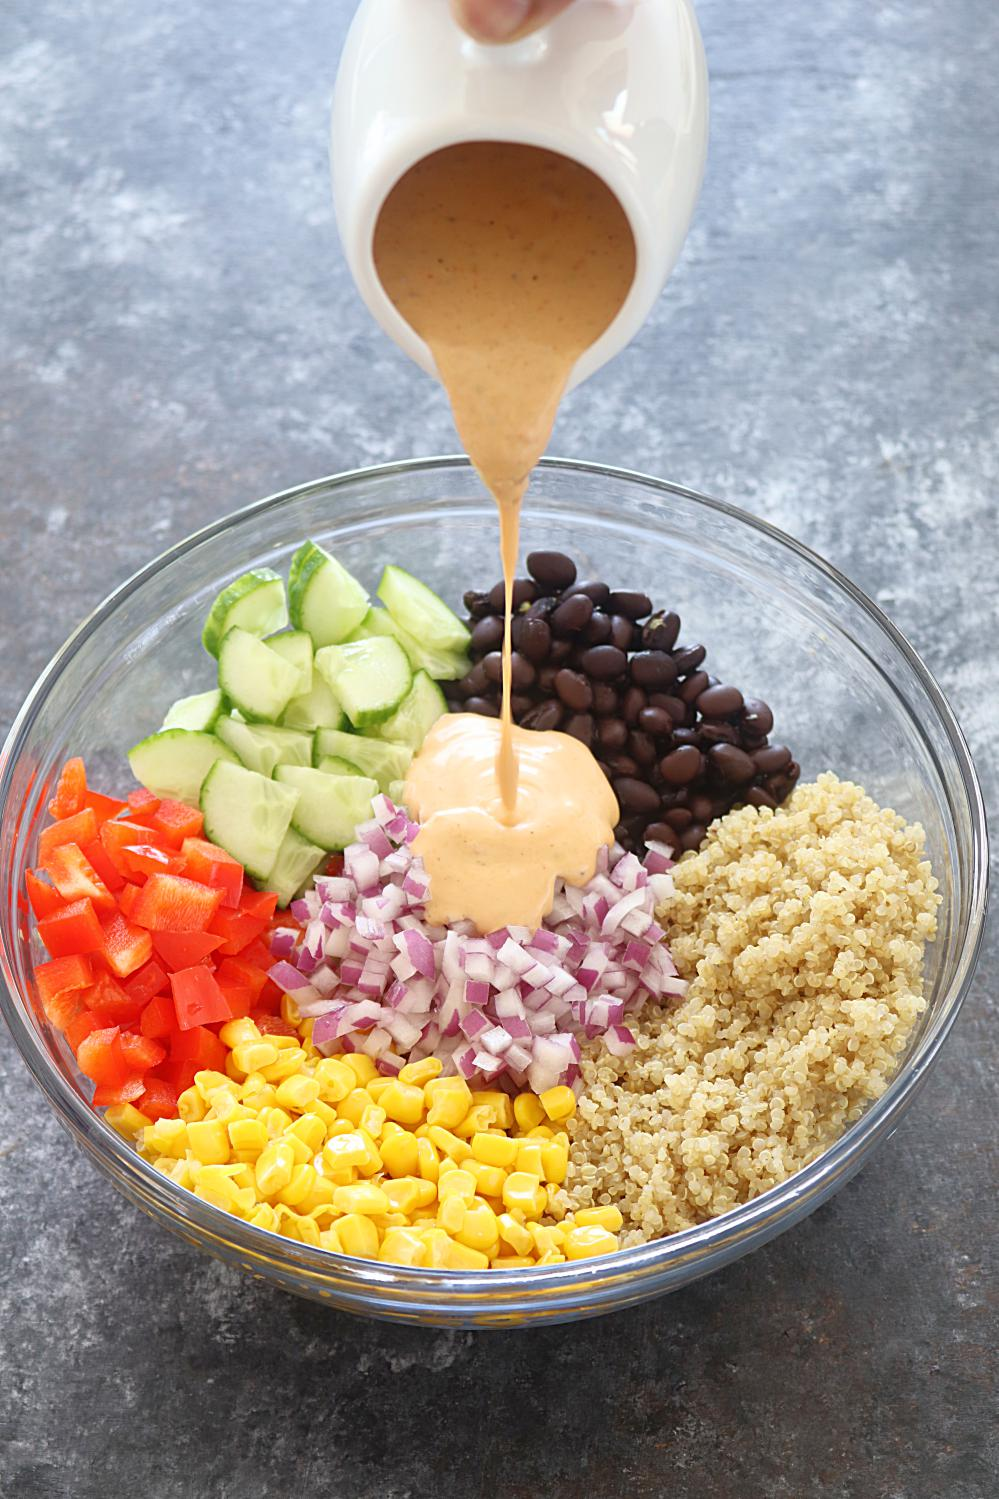 Healthy Quinoa and bean salad - Ruchiskitchen